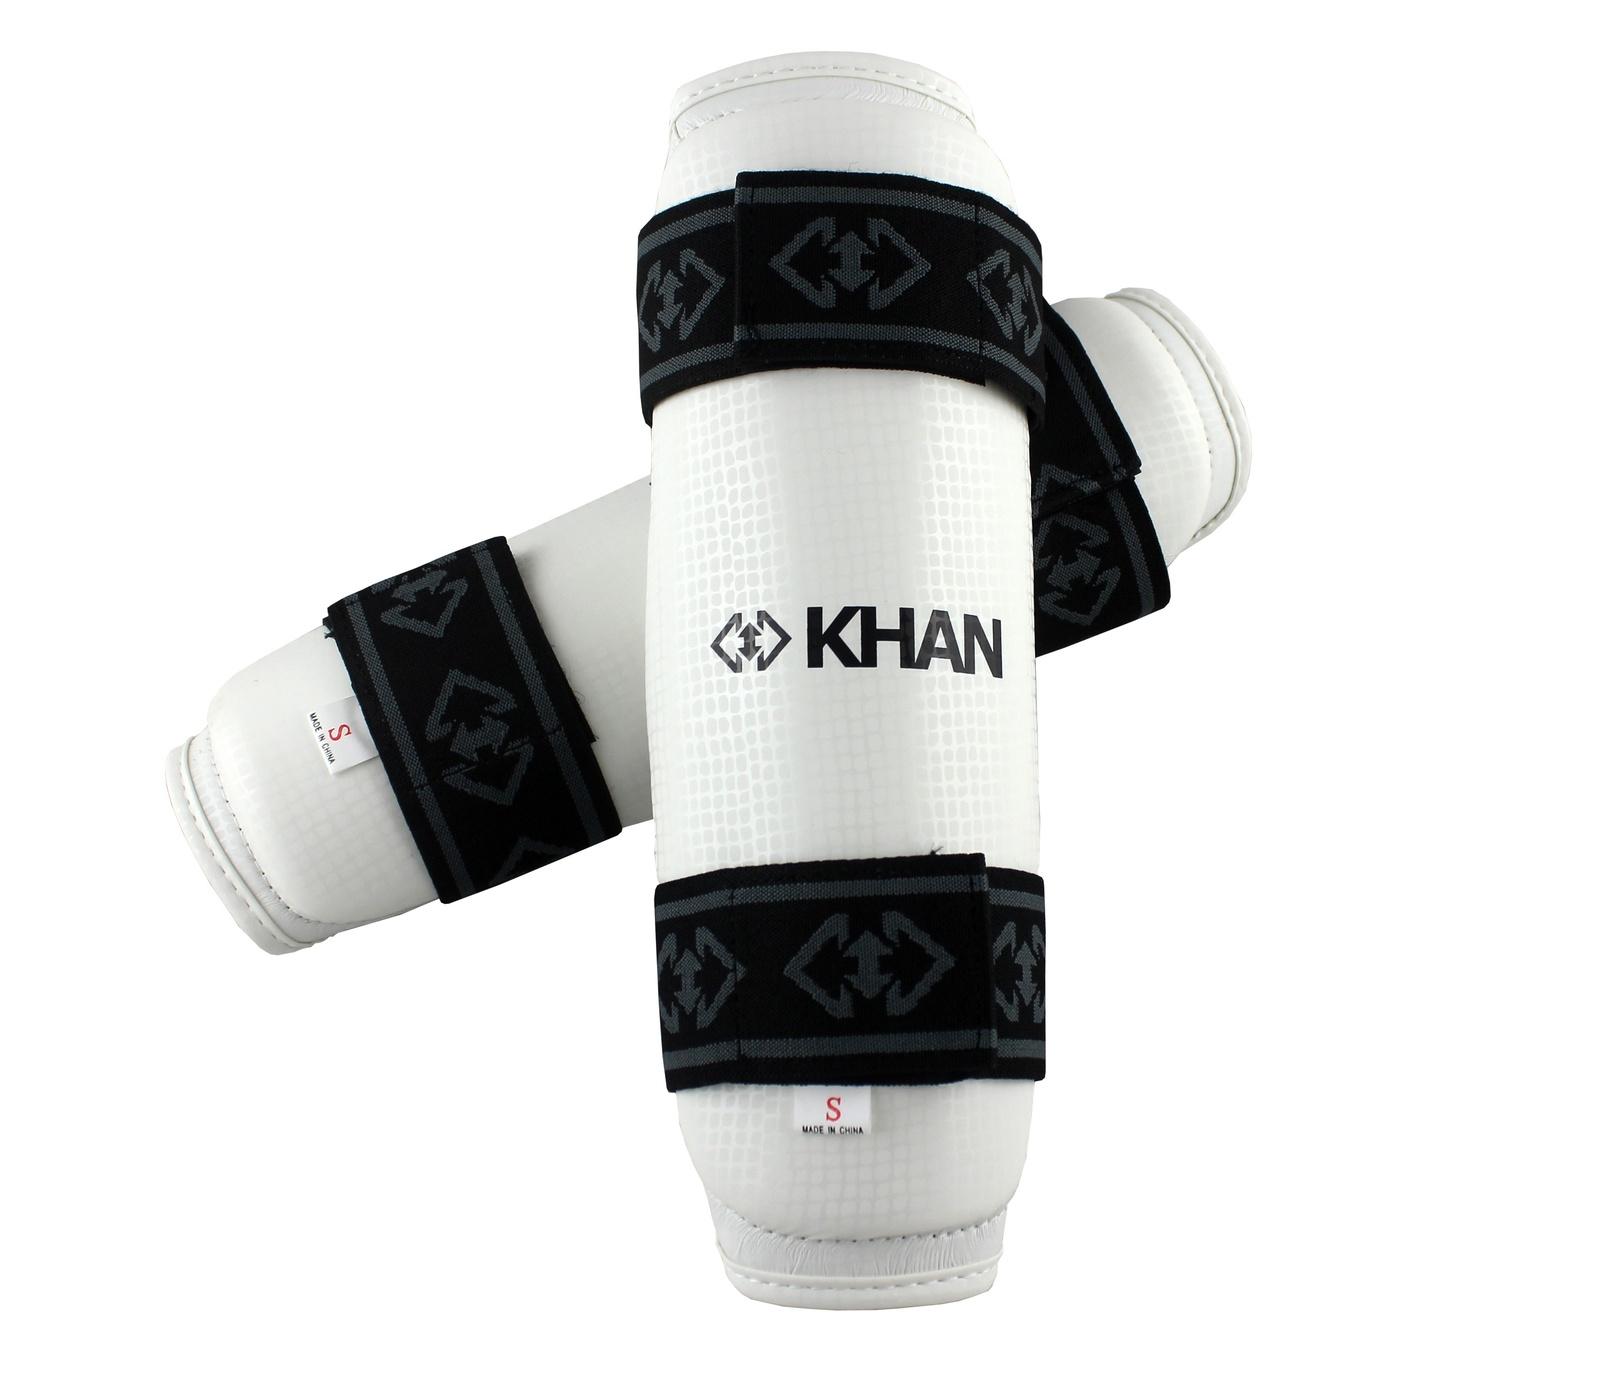 Защита голени Khan Club, E12008-3, белый, размер M цена и фото